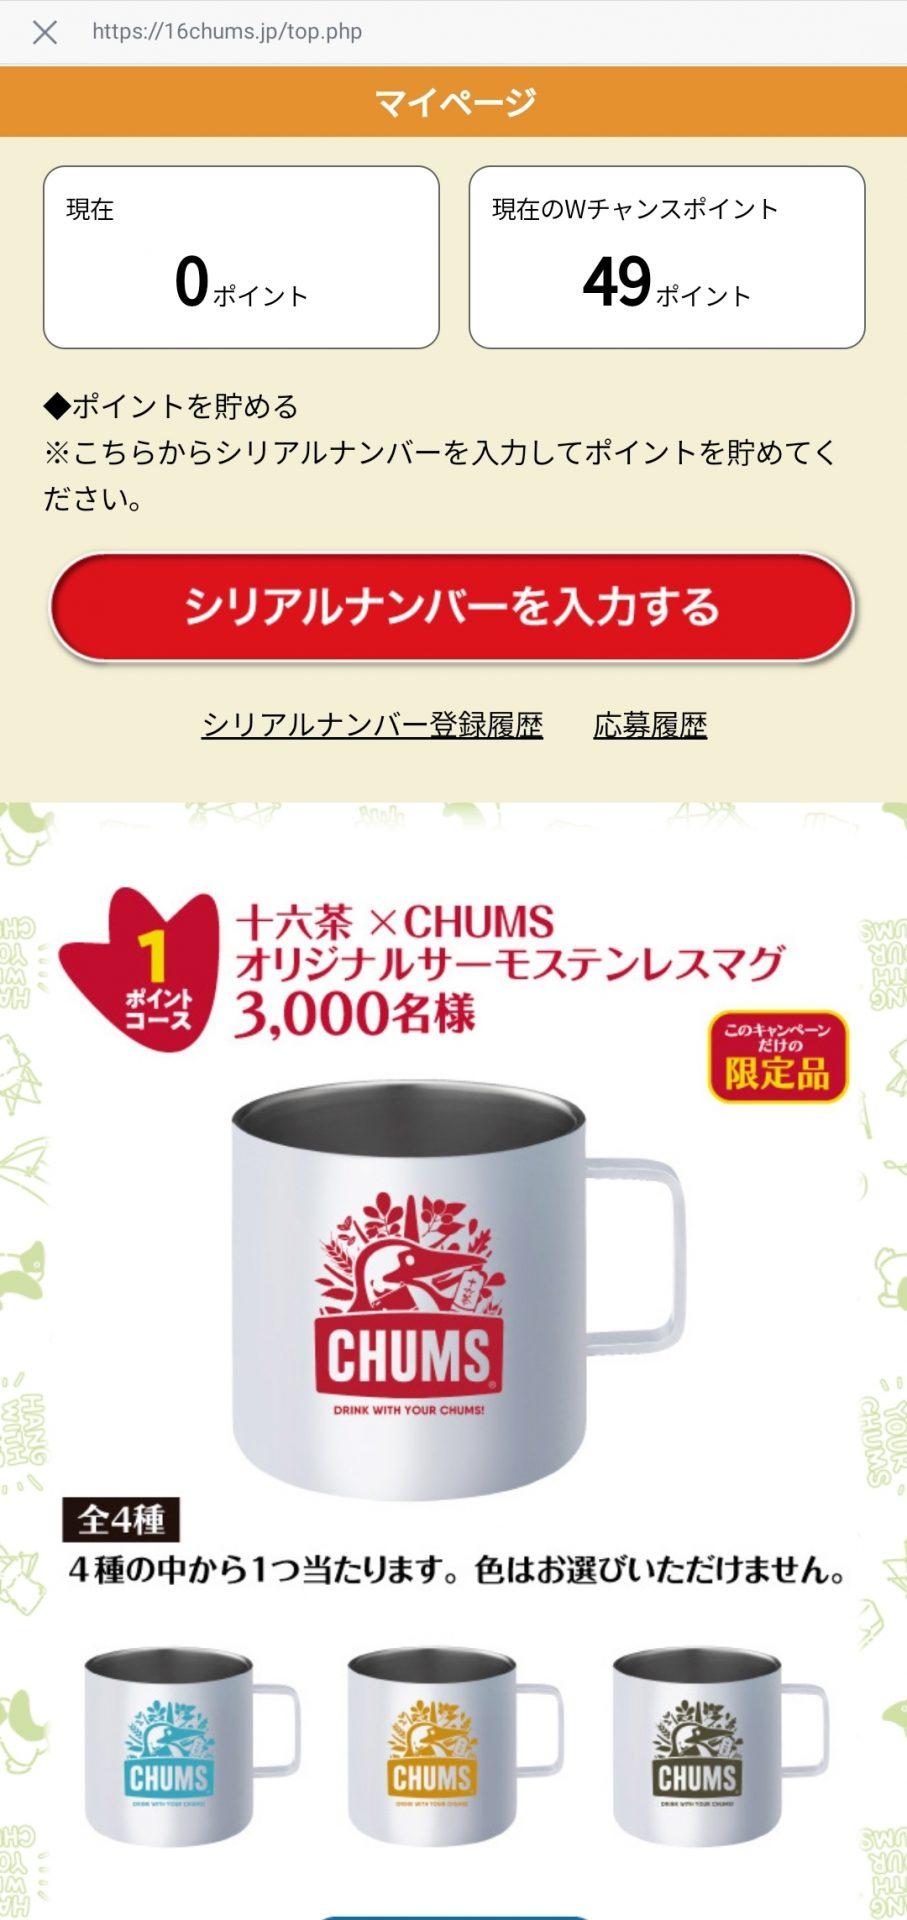 十六茶チャムス